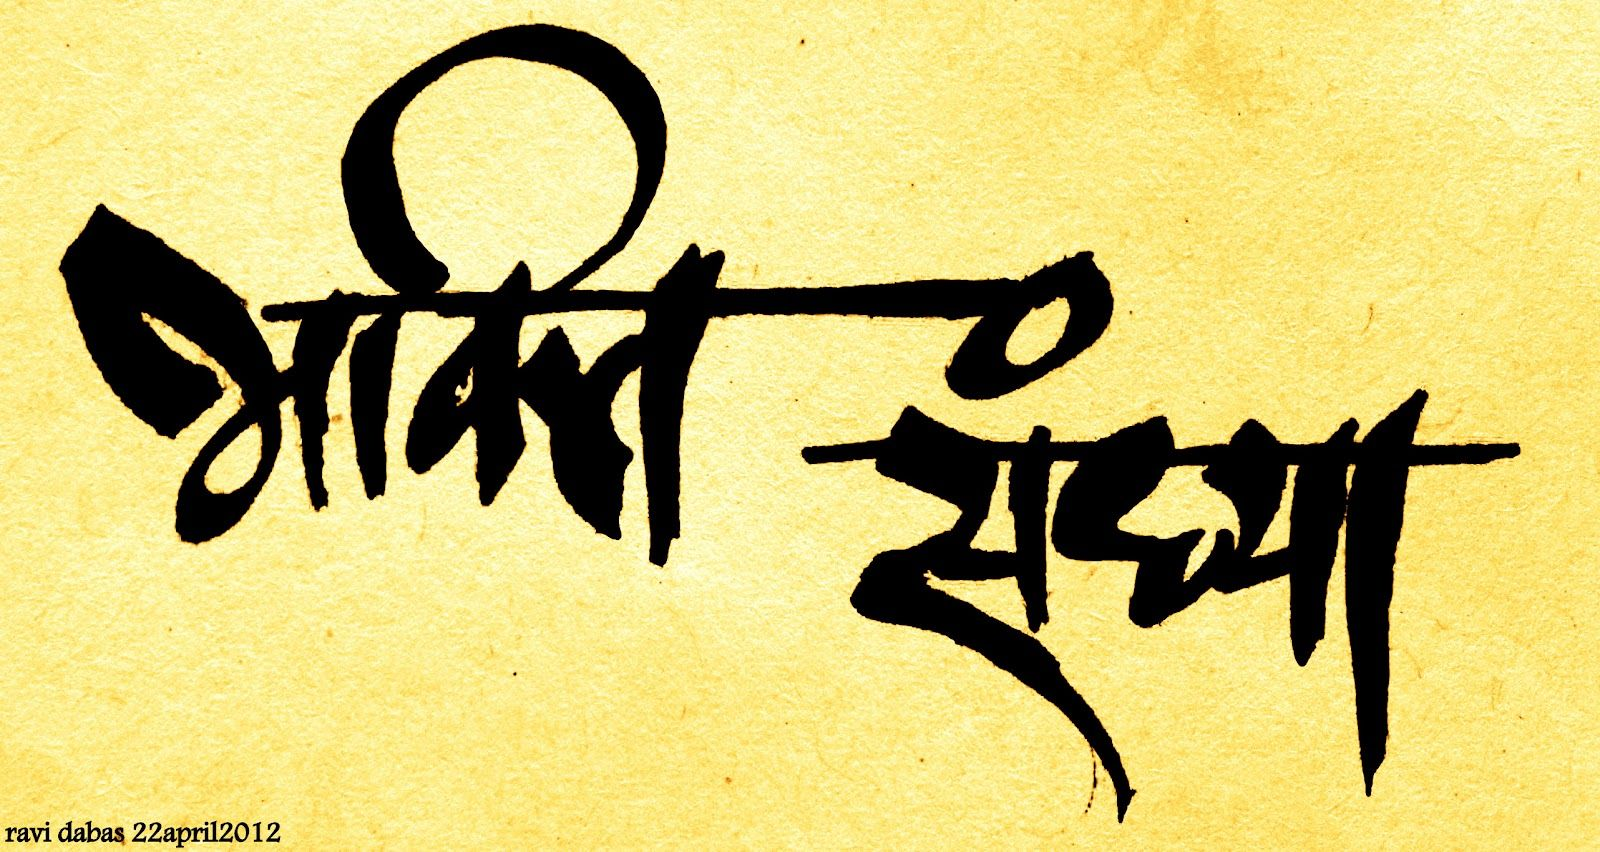 Tattoo Fonts In Hindi | Tattoo Art Gallery | Life Board